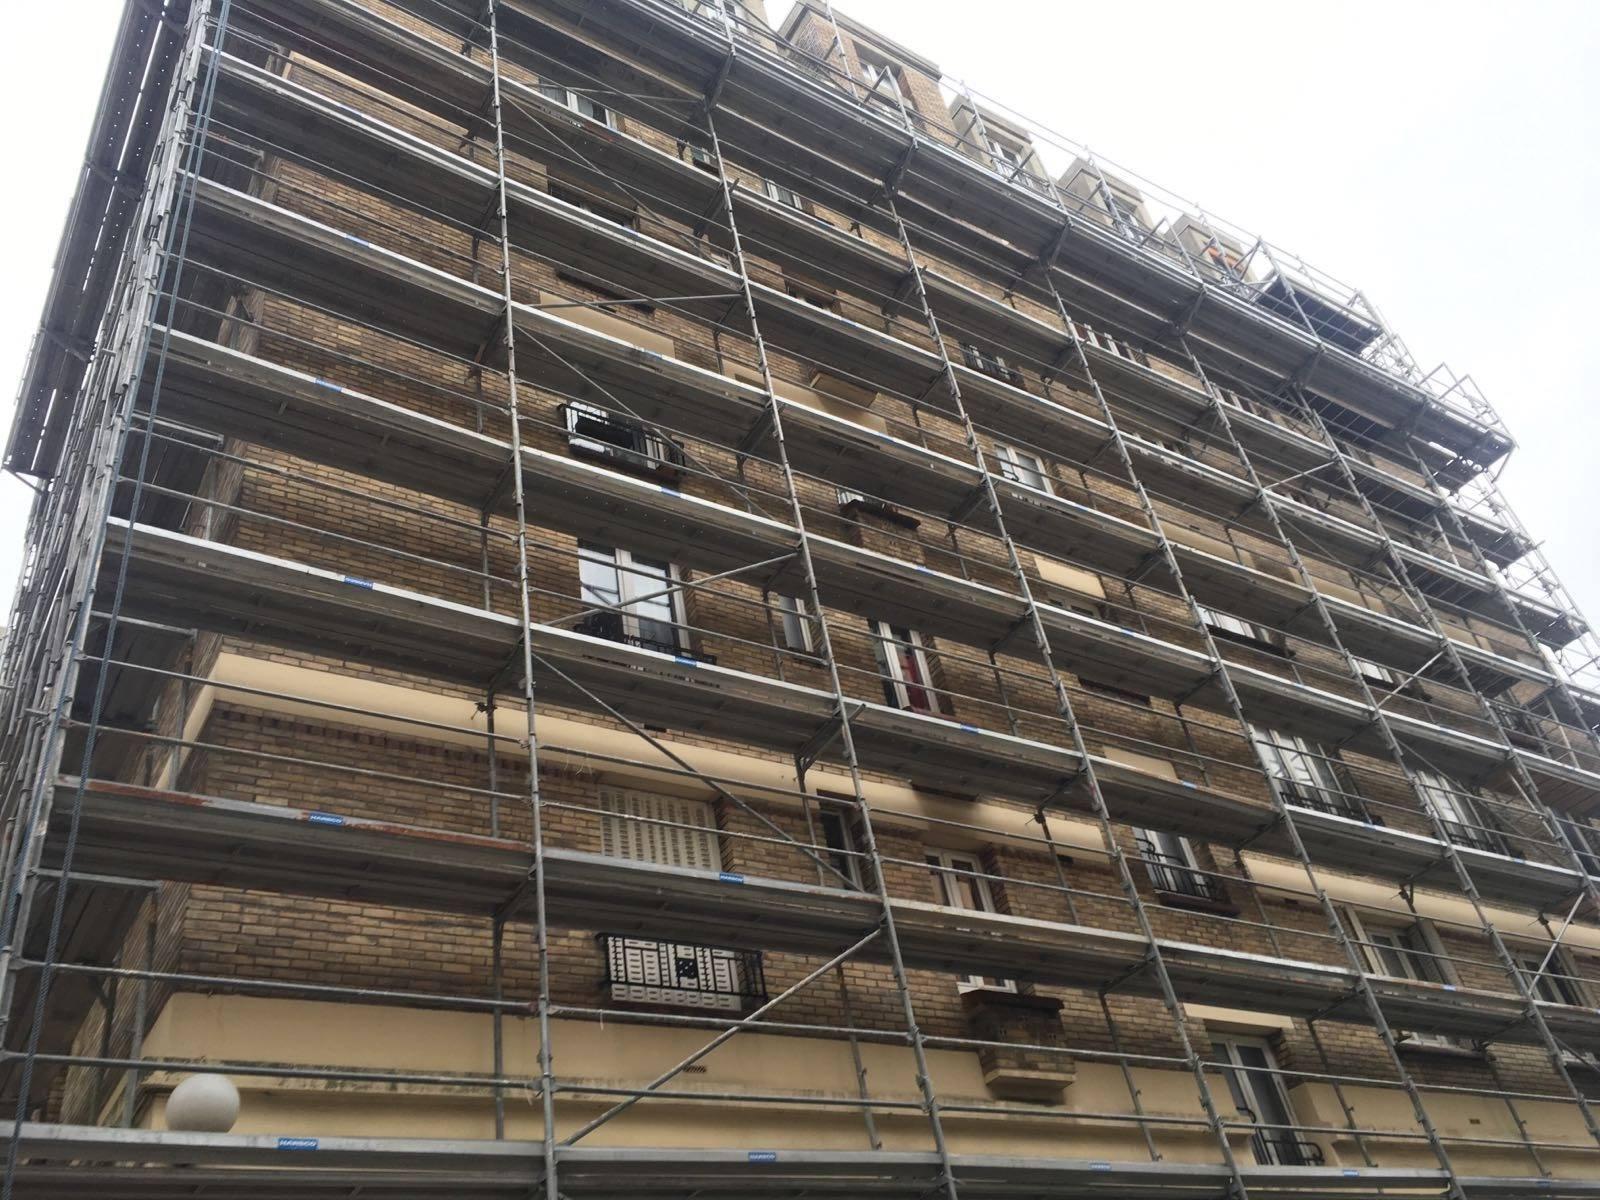 Die Sicherung gegen Abstürze an einem Fassadengerüst wird durch mindestens ein, meistens jedoch durch zwei Geländer oder systemabhängig durch Doppelgeländer gewährleistet. Geländer auf geruest.com gebraucht kaufen.